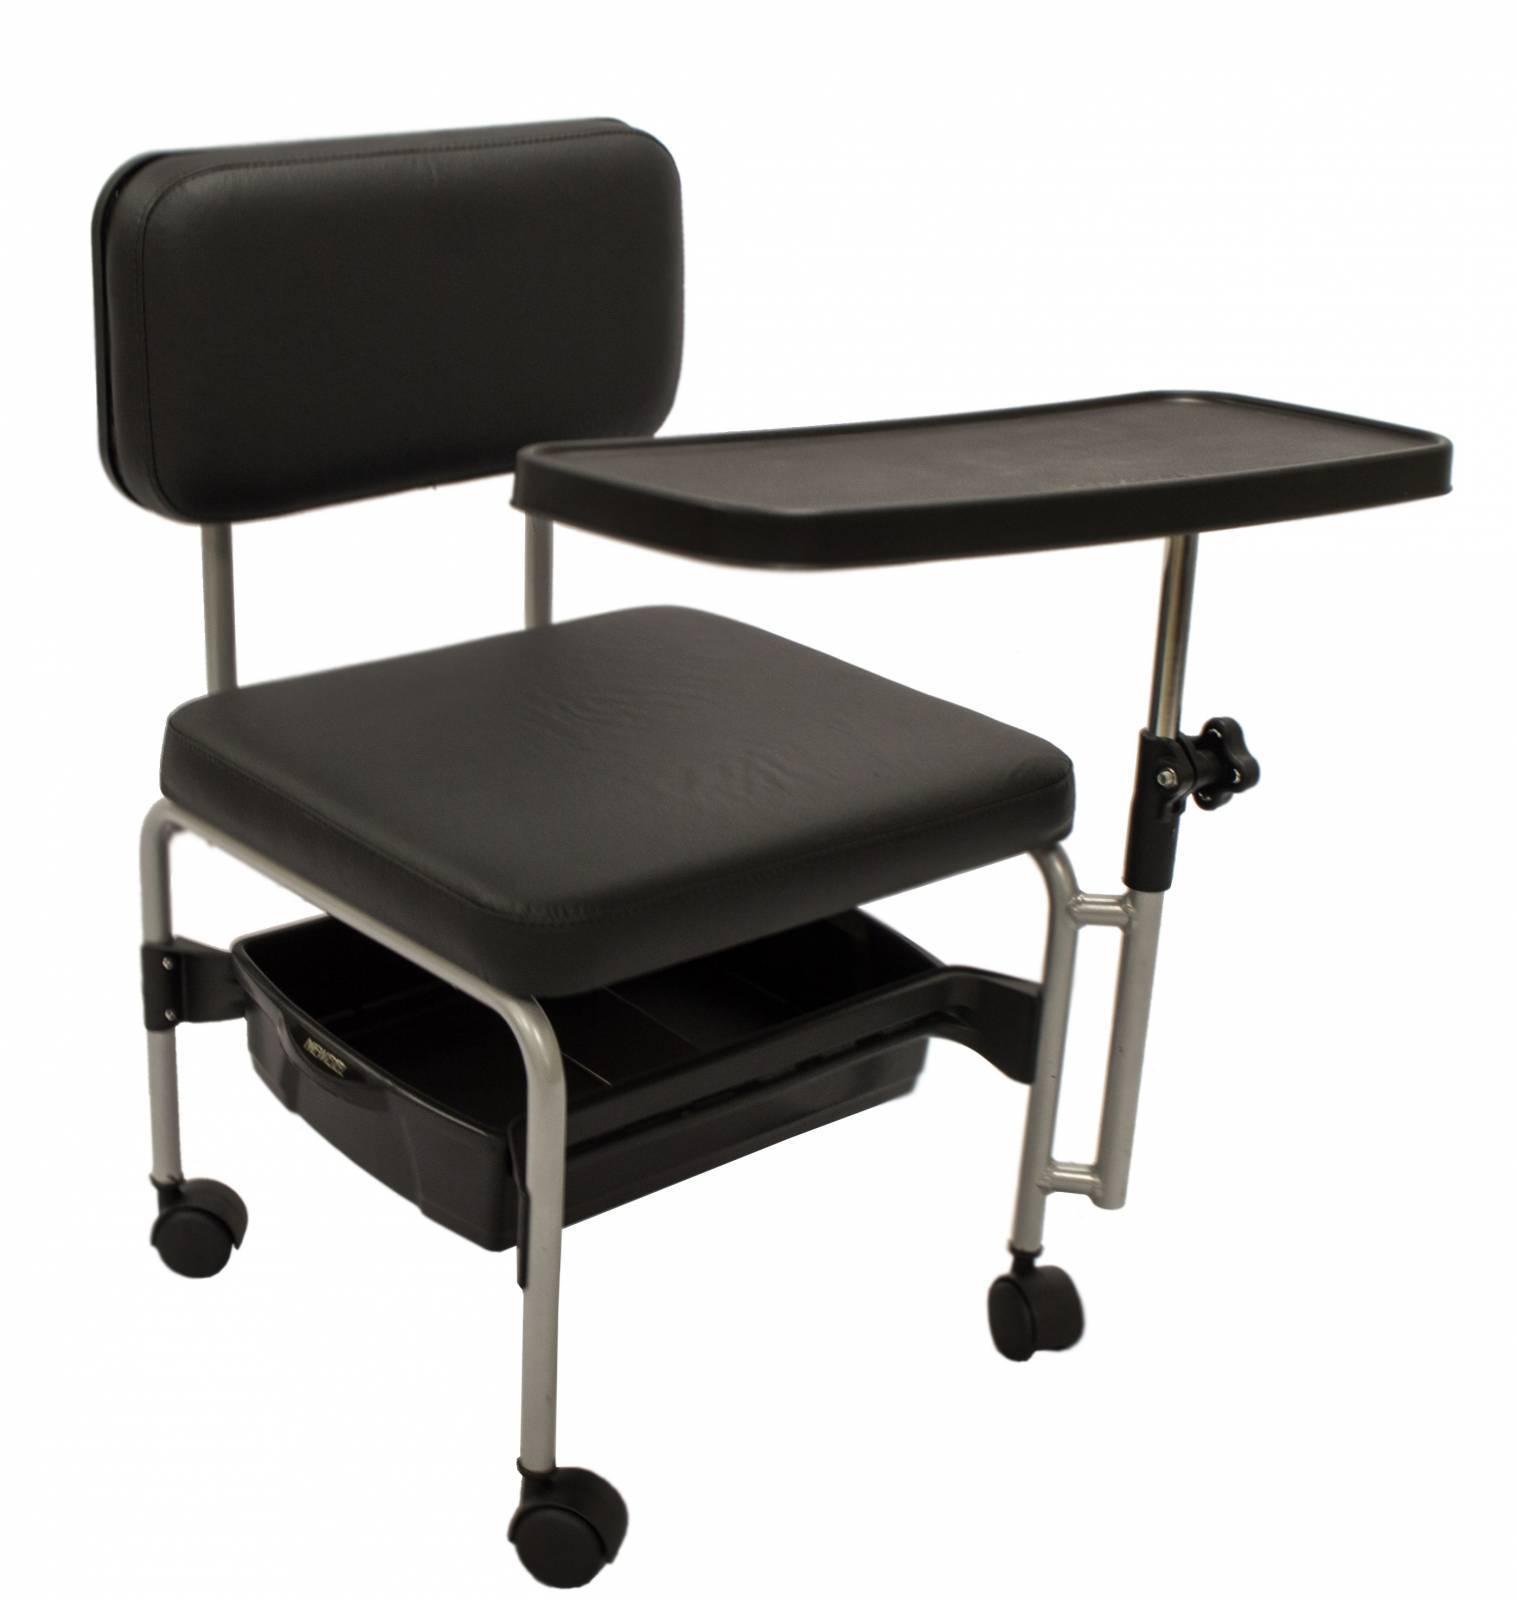 Cadeira Ciranda Belga